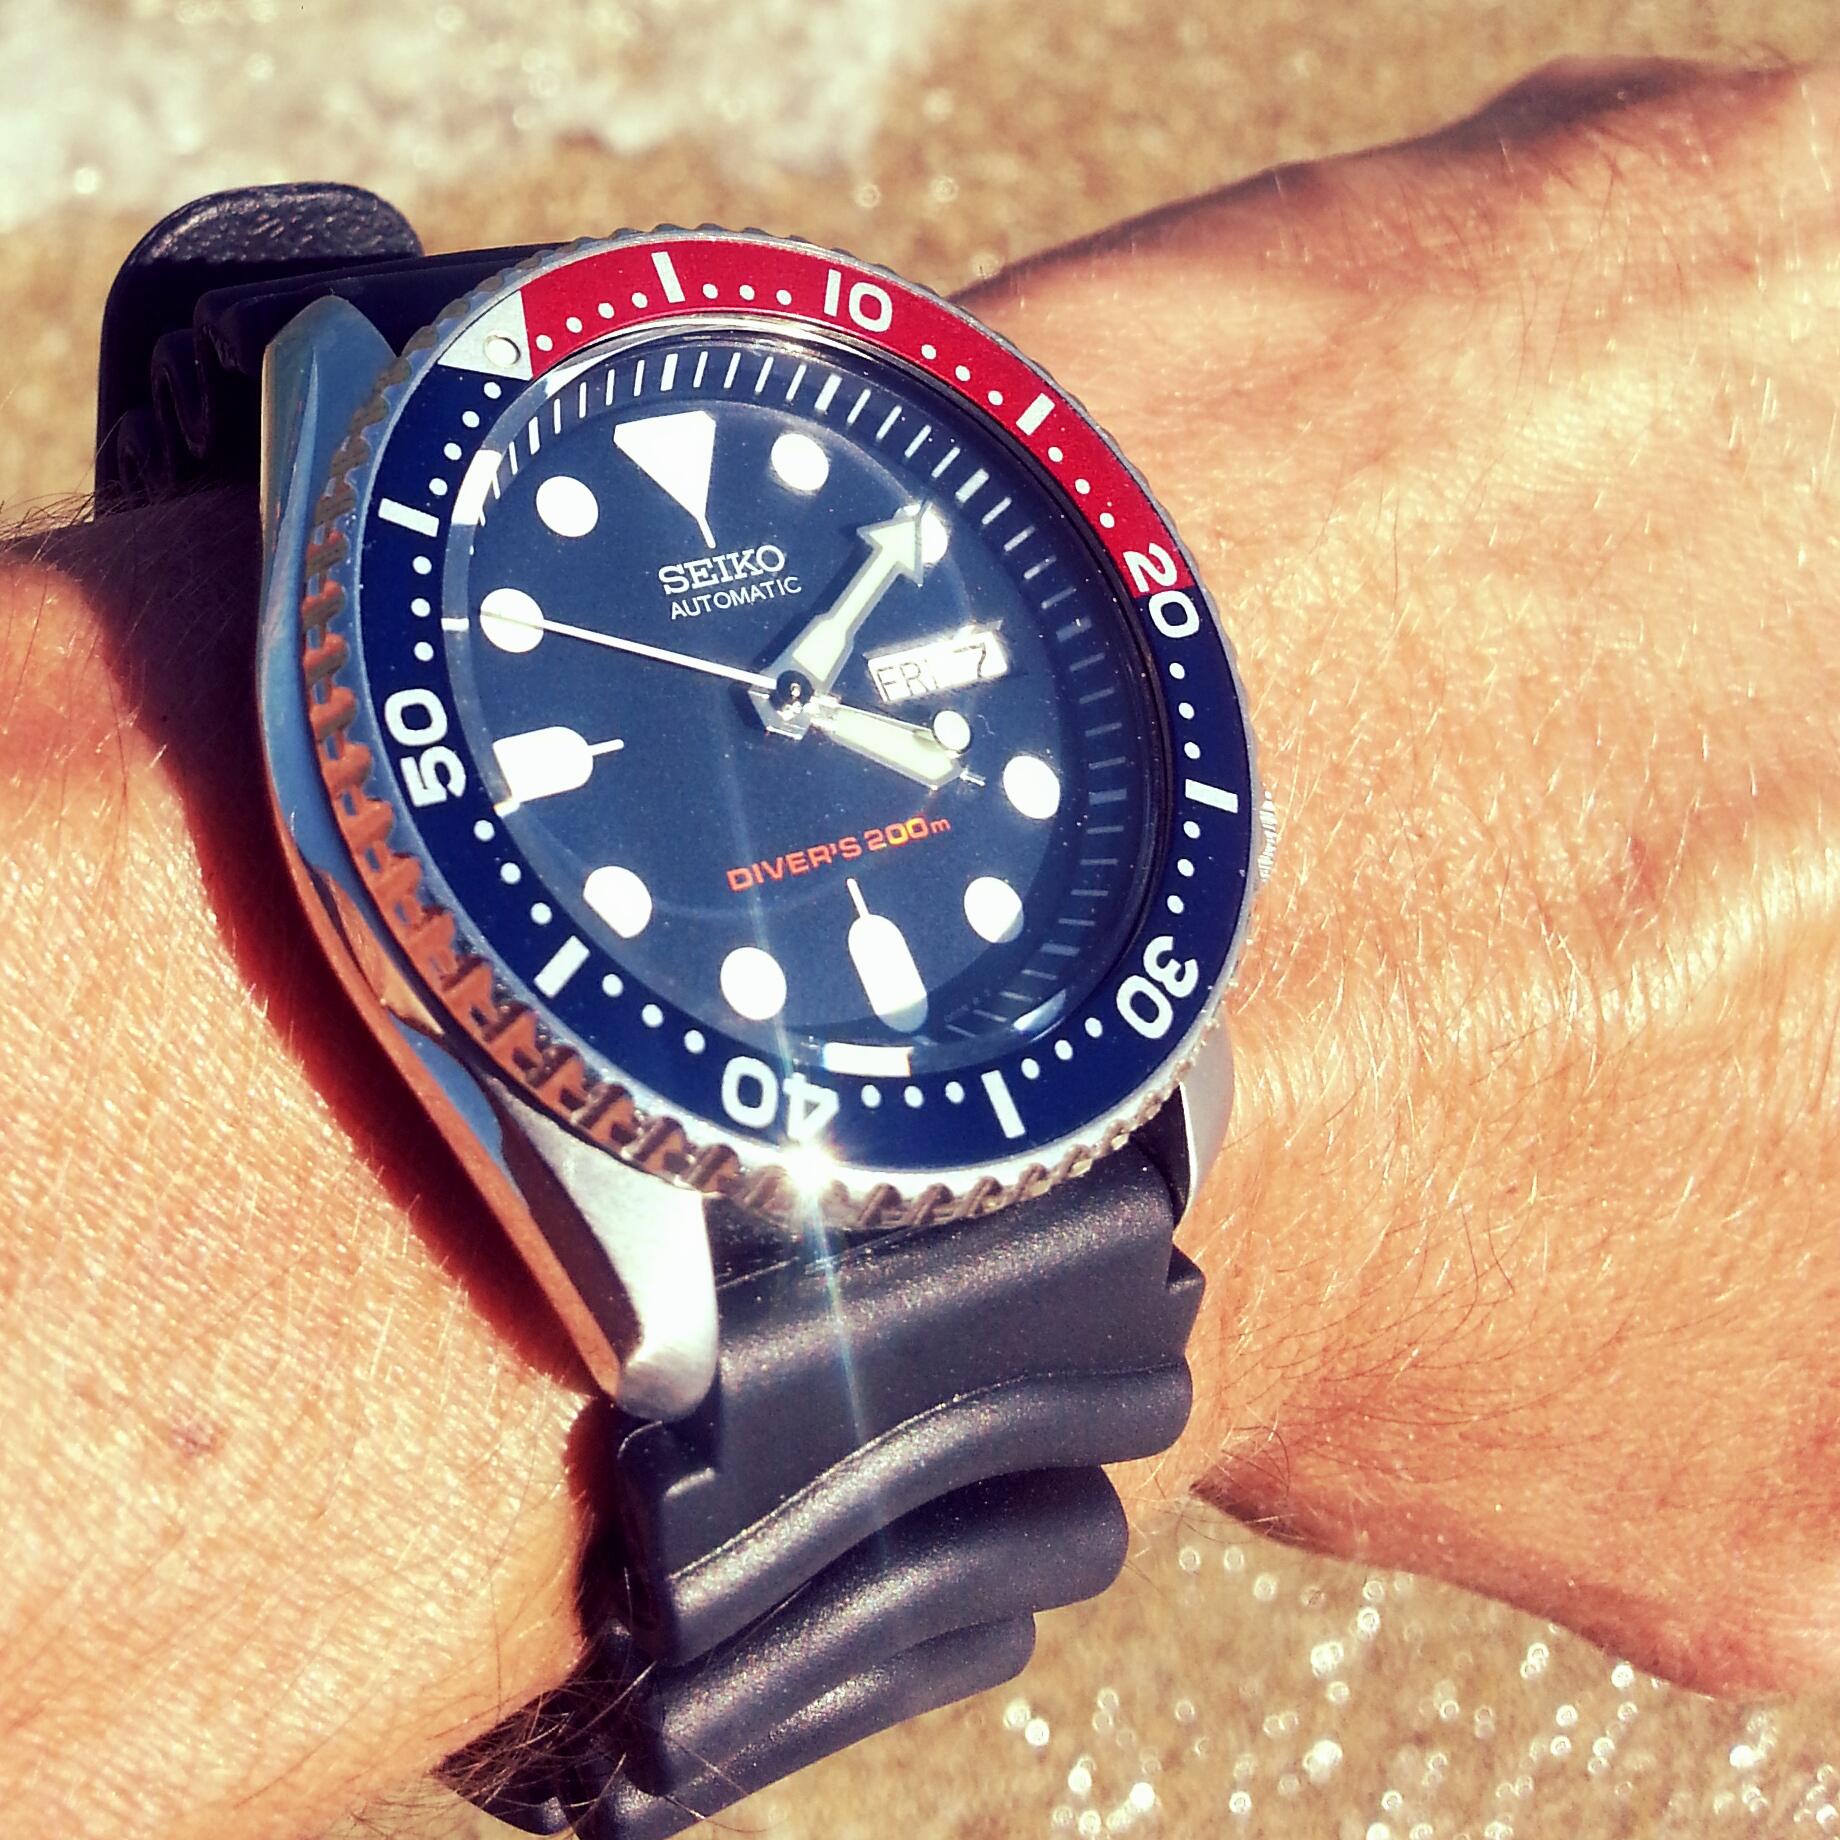 39dfe9d03a Avis Seiko SKX009 la montre de plongée idéale ?